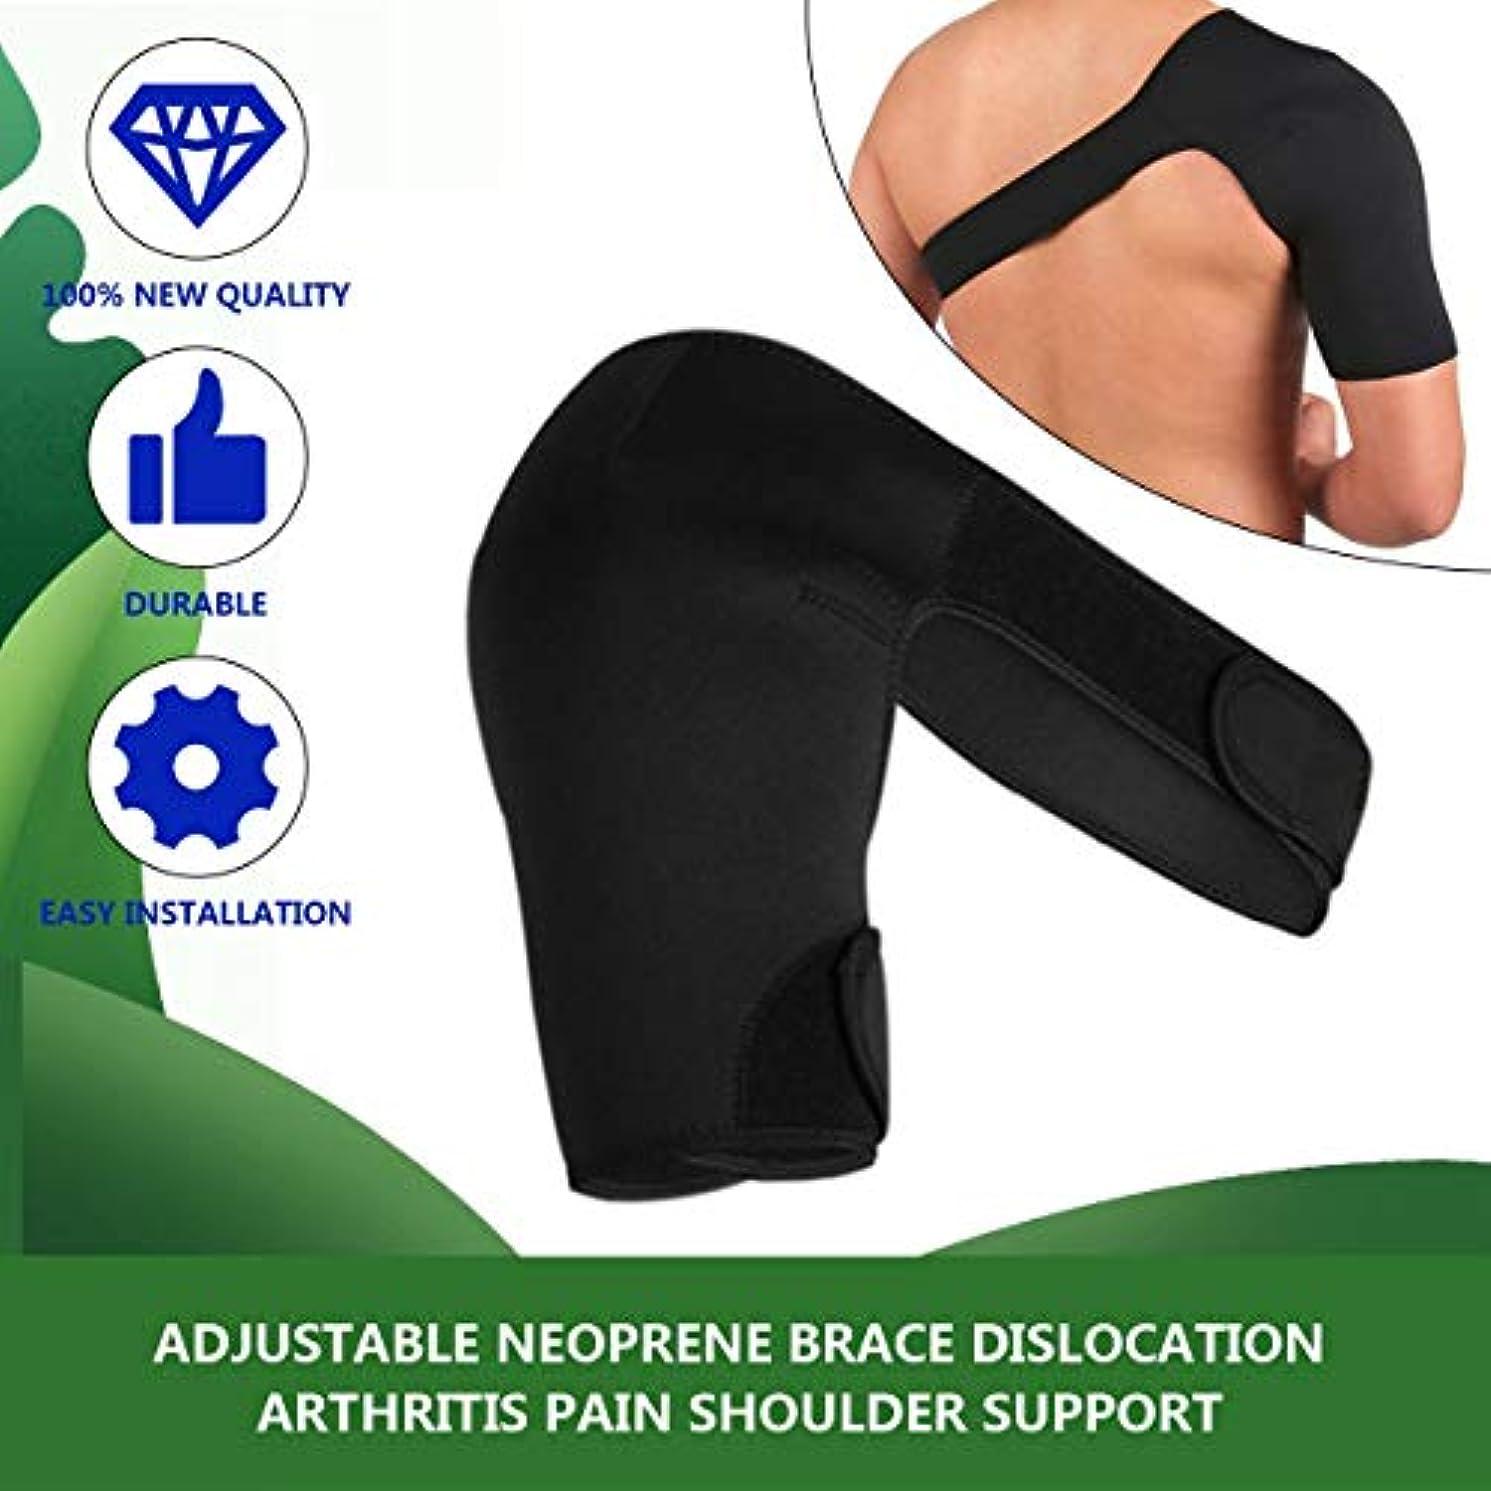 鏡ニュージーランドミシン調節可能な通気性ジムスポーツケアシングルショルダーサポートバックブレースガードストラップラップベルトバンドパッドブラック包帯男性&女性